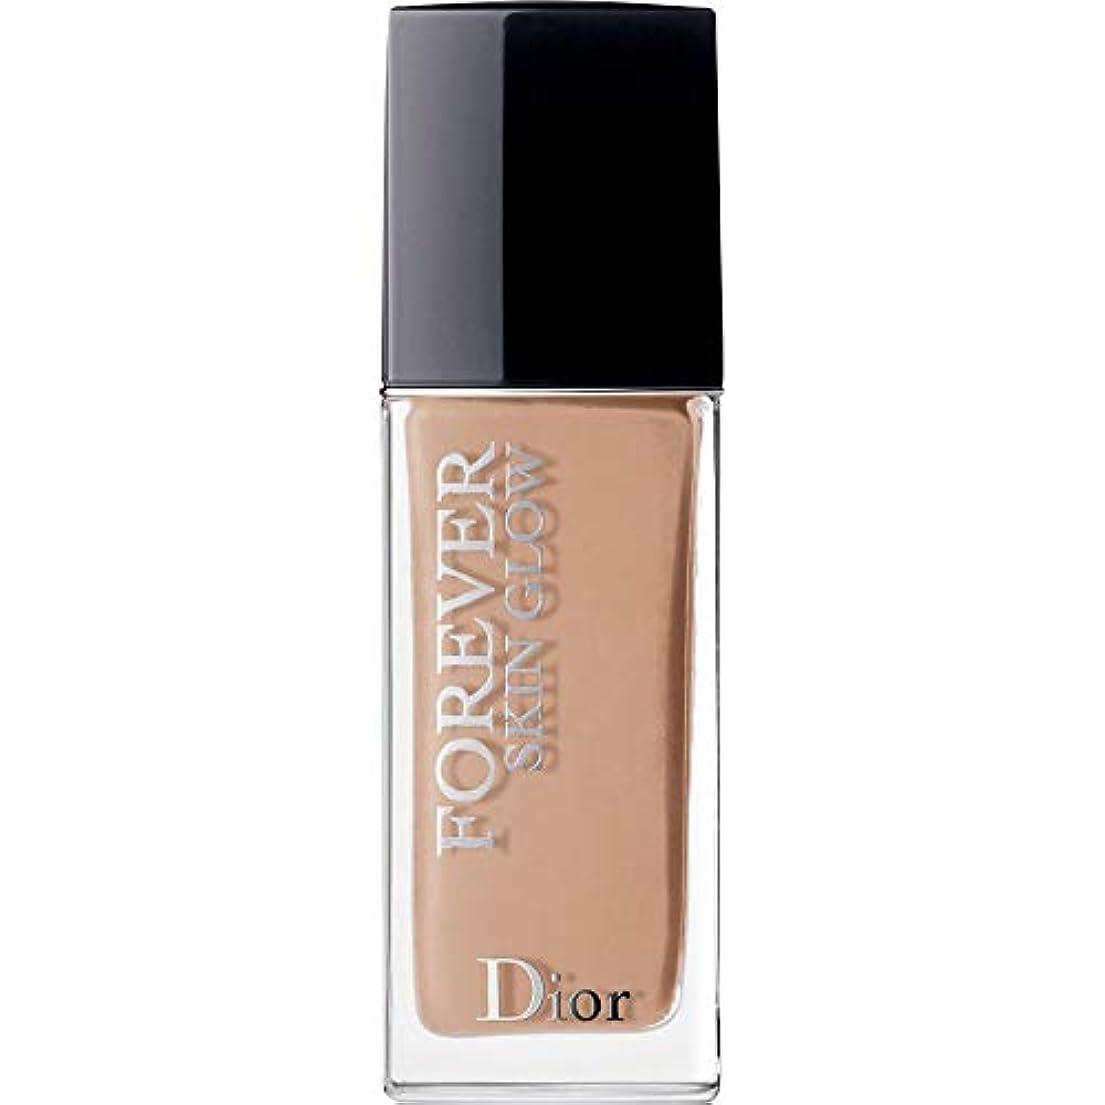 国勢調査音社会主義[Dior ] ディオール永遠に皮膚グロー皮膚思いやりの基礎Spf35 30ミリリットル4Cを - クール(肌の輝き) - DIOR Forever Skin Glow Skin-Caring Foundation SPF35 30ml 4C - Cool (Skin Glow) [並行輸入品]